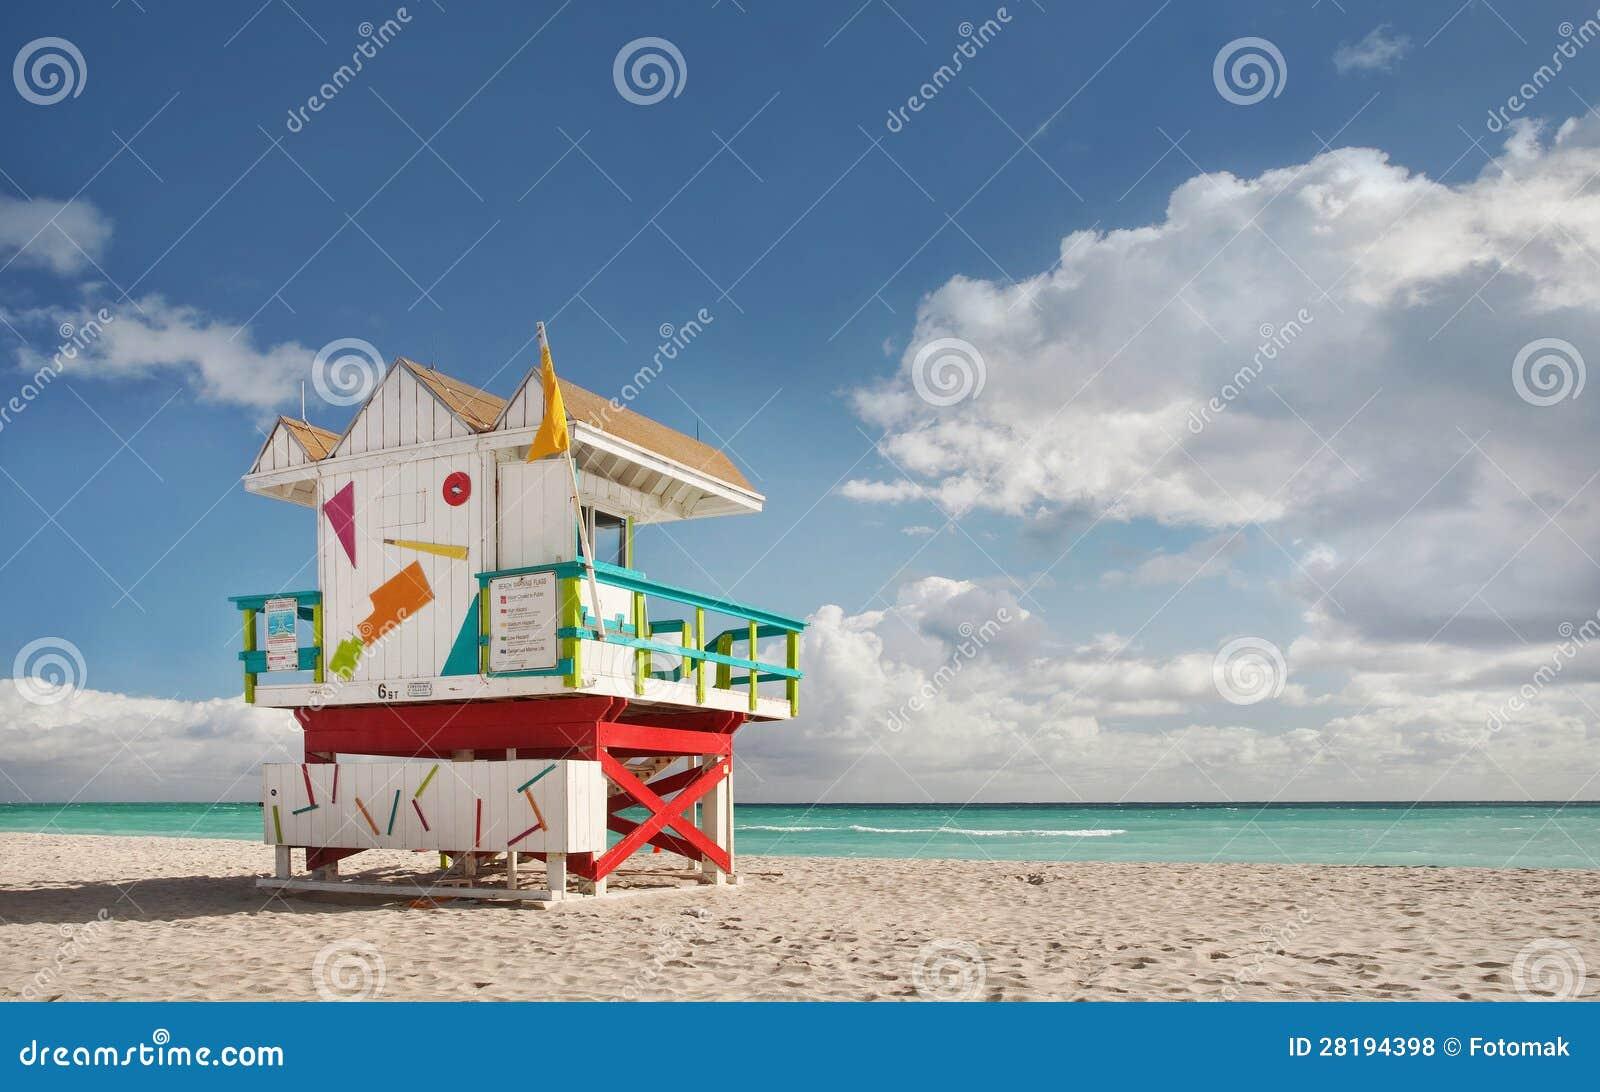 Miami Beach Florida, Liuard House Stock Photo - Image of ... on miami area house plans, miami style decorating, miami style bathroom, miami style homes, miami style bedroom, miami style furniture,